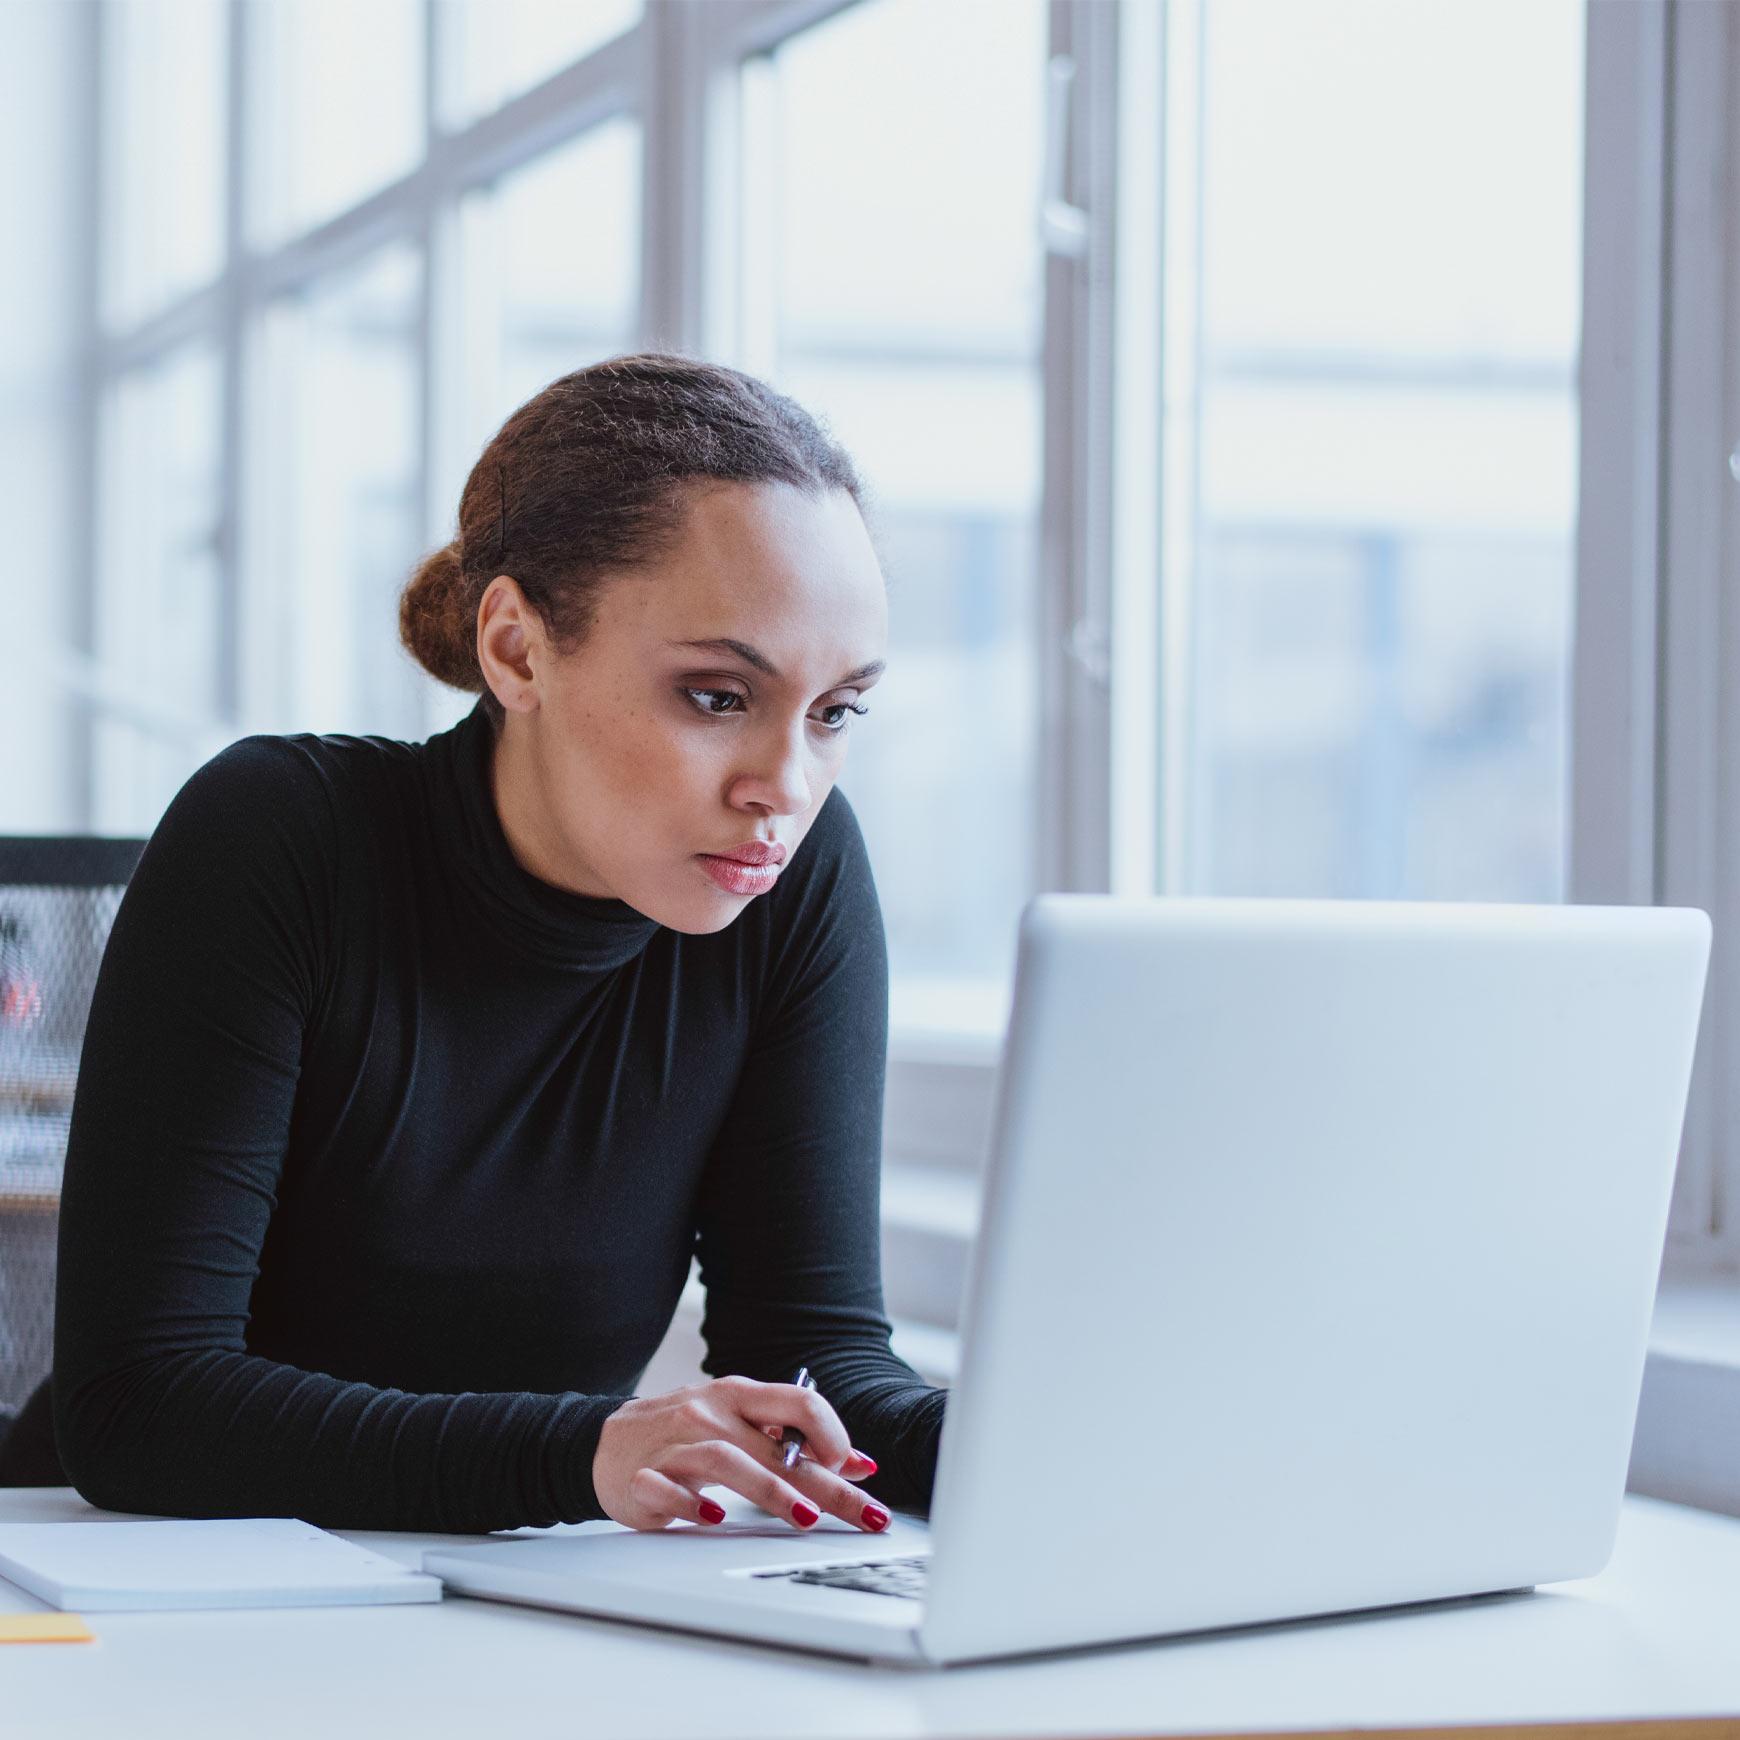 female employee using laptop in an office